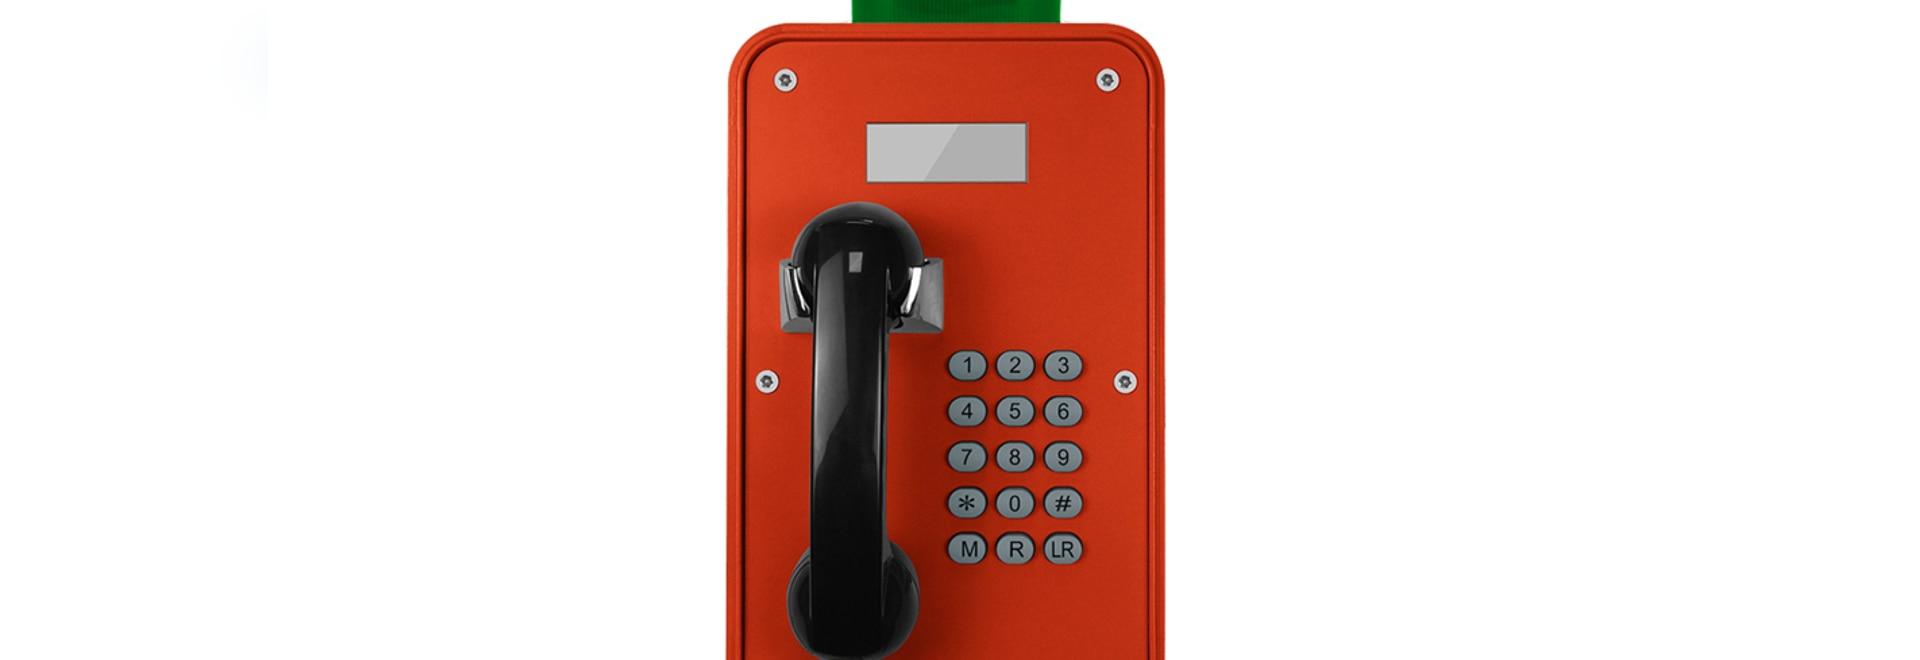 J&R Weatherproof Telephones Export to Yemen